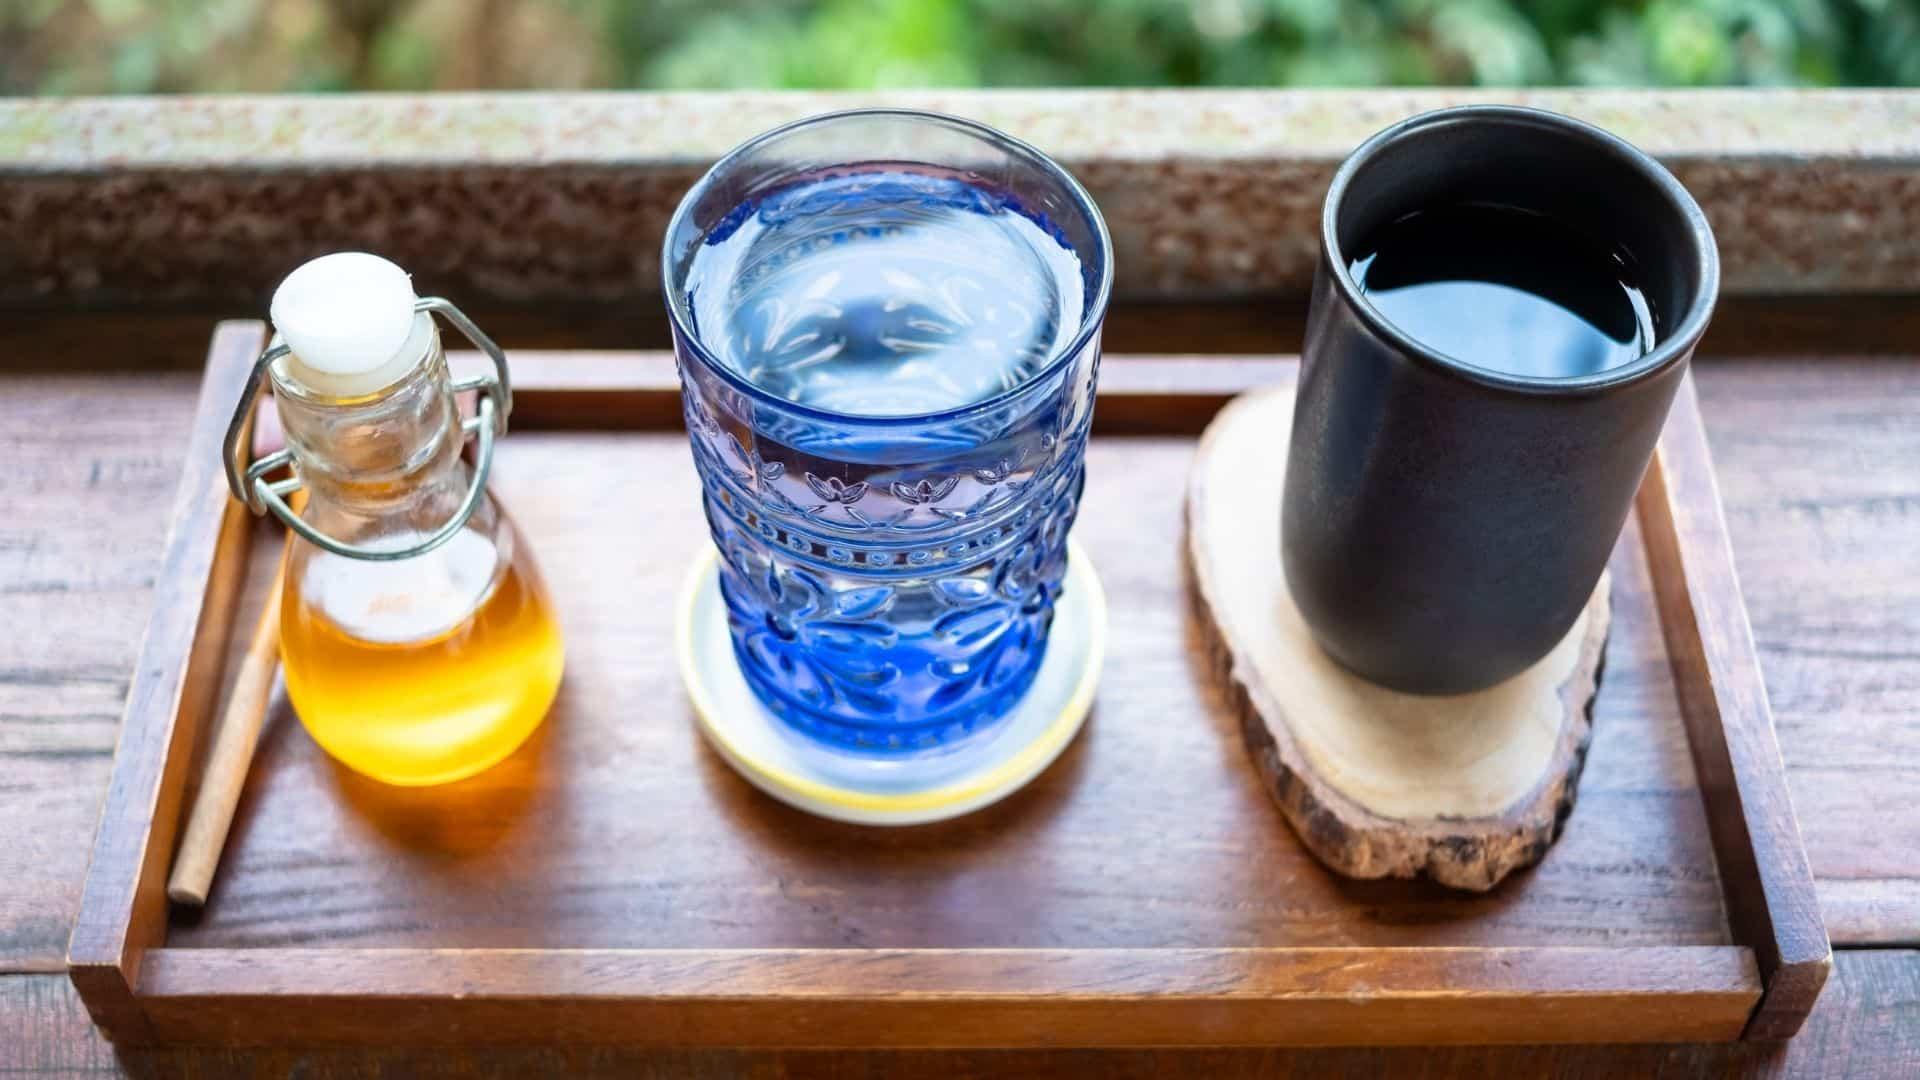 Lehet, hogy csökken a kávé ismerete. Az íz-rajongótól kezdve a legújabb és legjobb barista felszerelés birtoklása gondoltál már valaha egy újabb kiegészítésre az ideális csésze kávé elkészítéséhez? Így van, az ön által használt kávé víz beszélünk, és kiderül, hogy csapot választunk, desztillált vagy szűrt-e, ez pokolian nagy változást hozhat a főzésében.